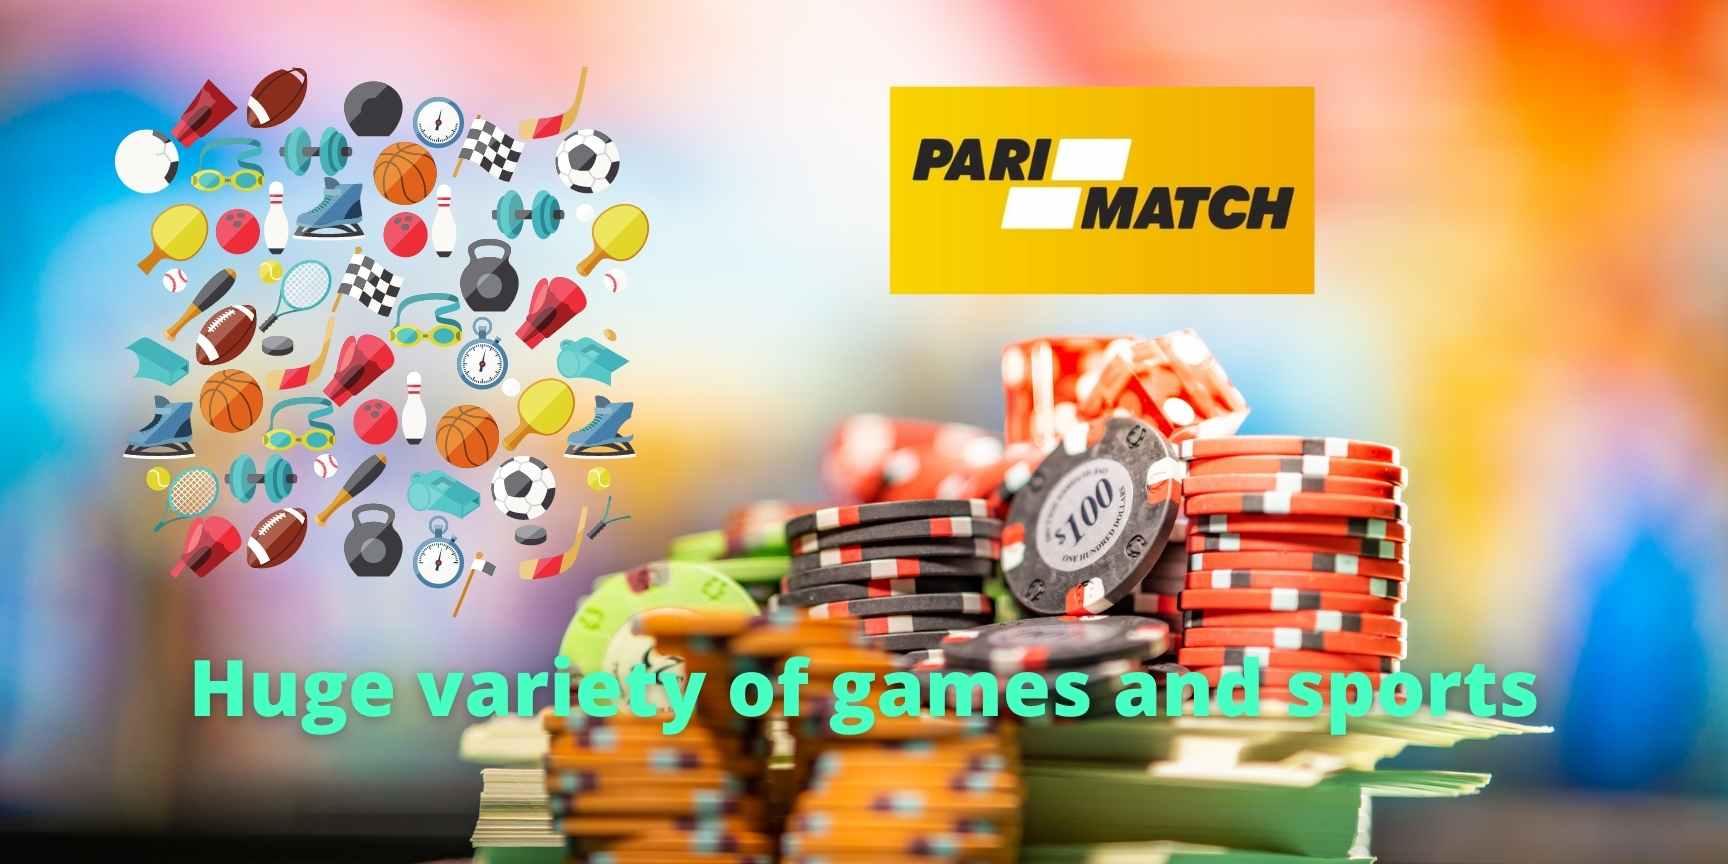 parimatch games